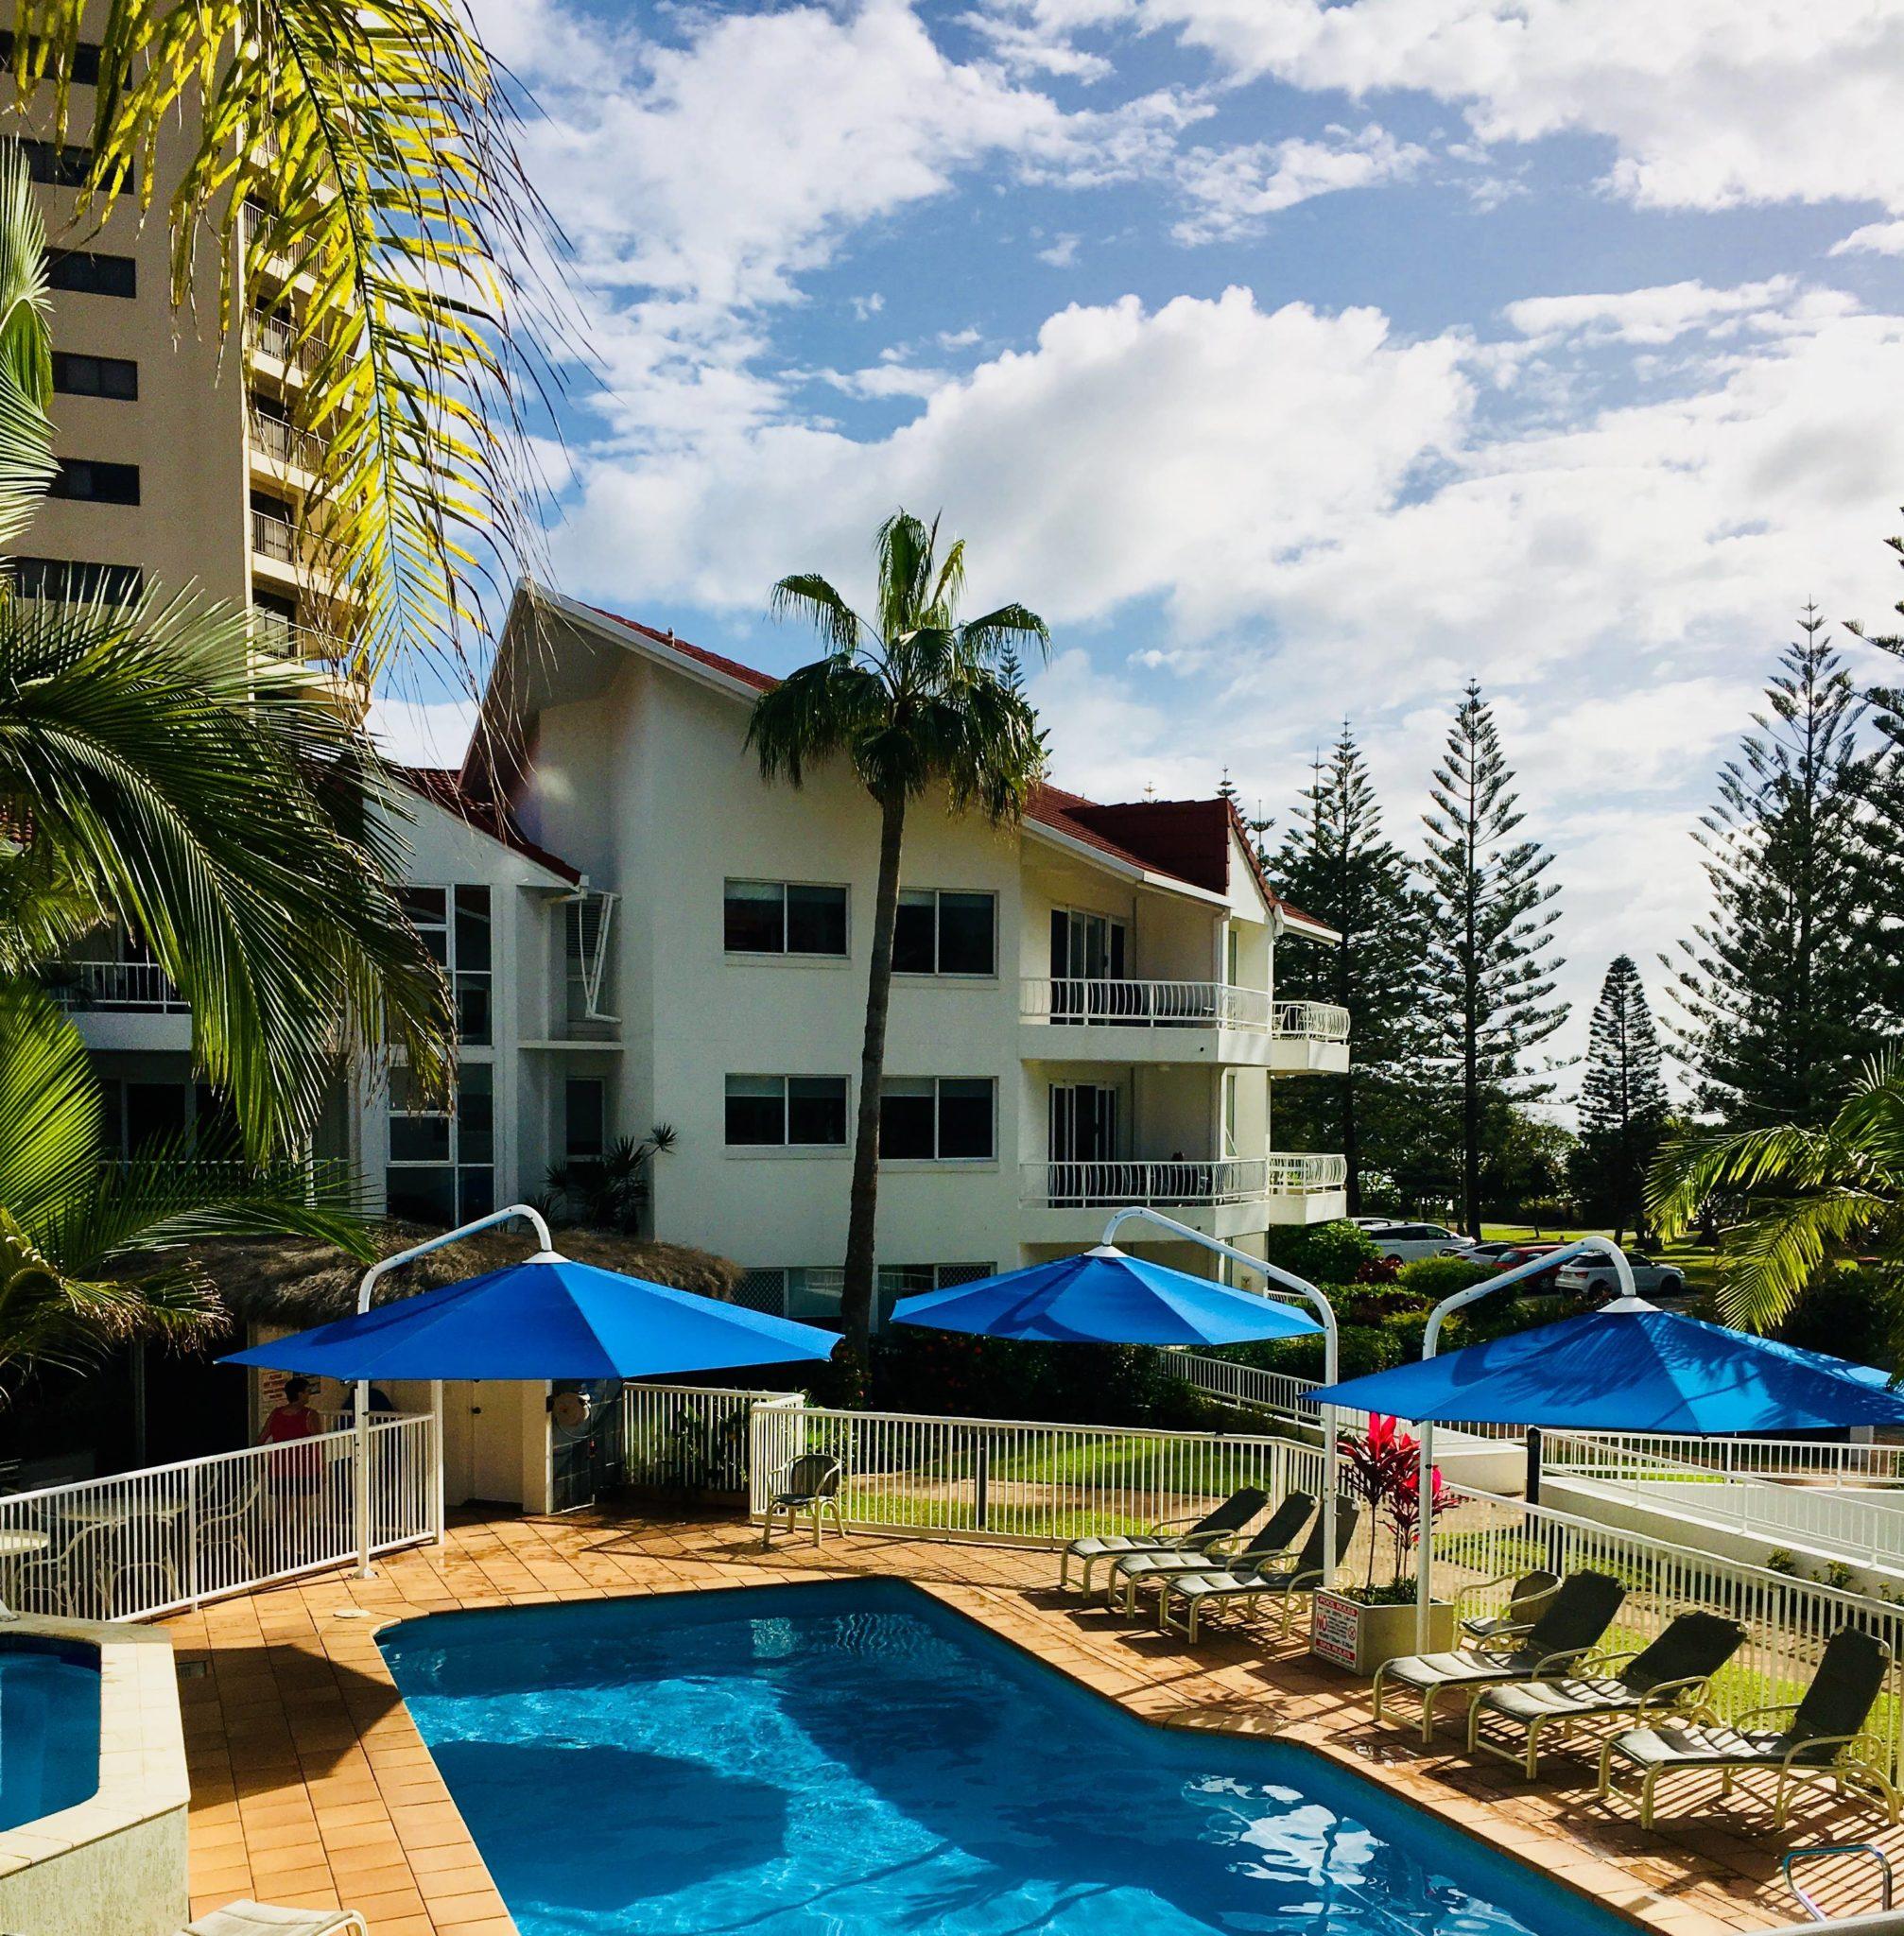 Le beach apartments Burleigh Heads